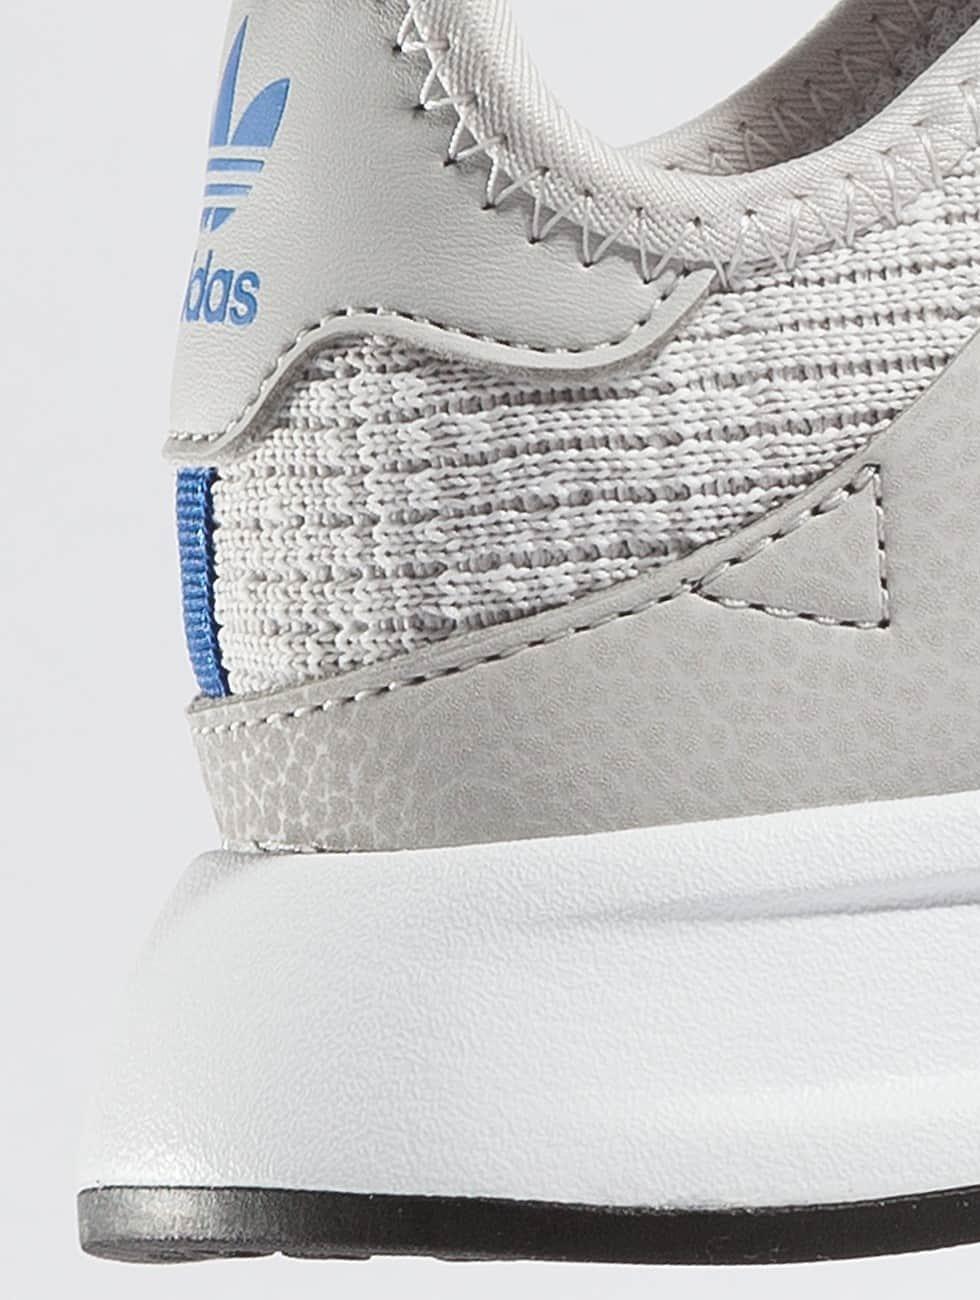 adidas originals schoen / sneaker X_PLR J in grijs 369846 Keuze Online Manchester Goedkope Prijs koel Snelle Bezorging sD2Kclf8Mz